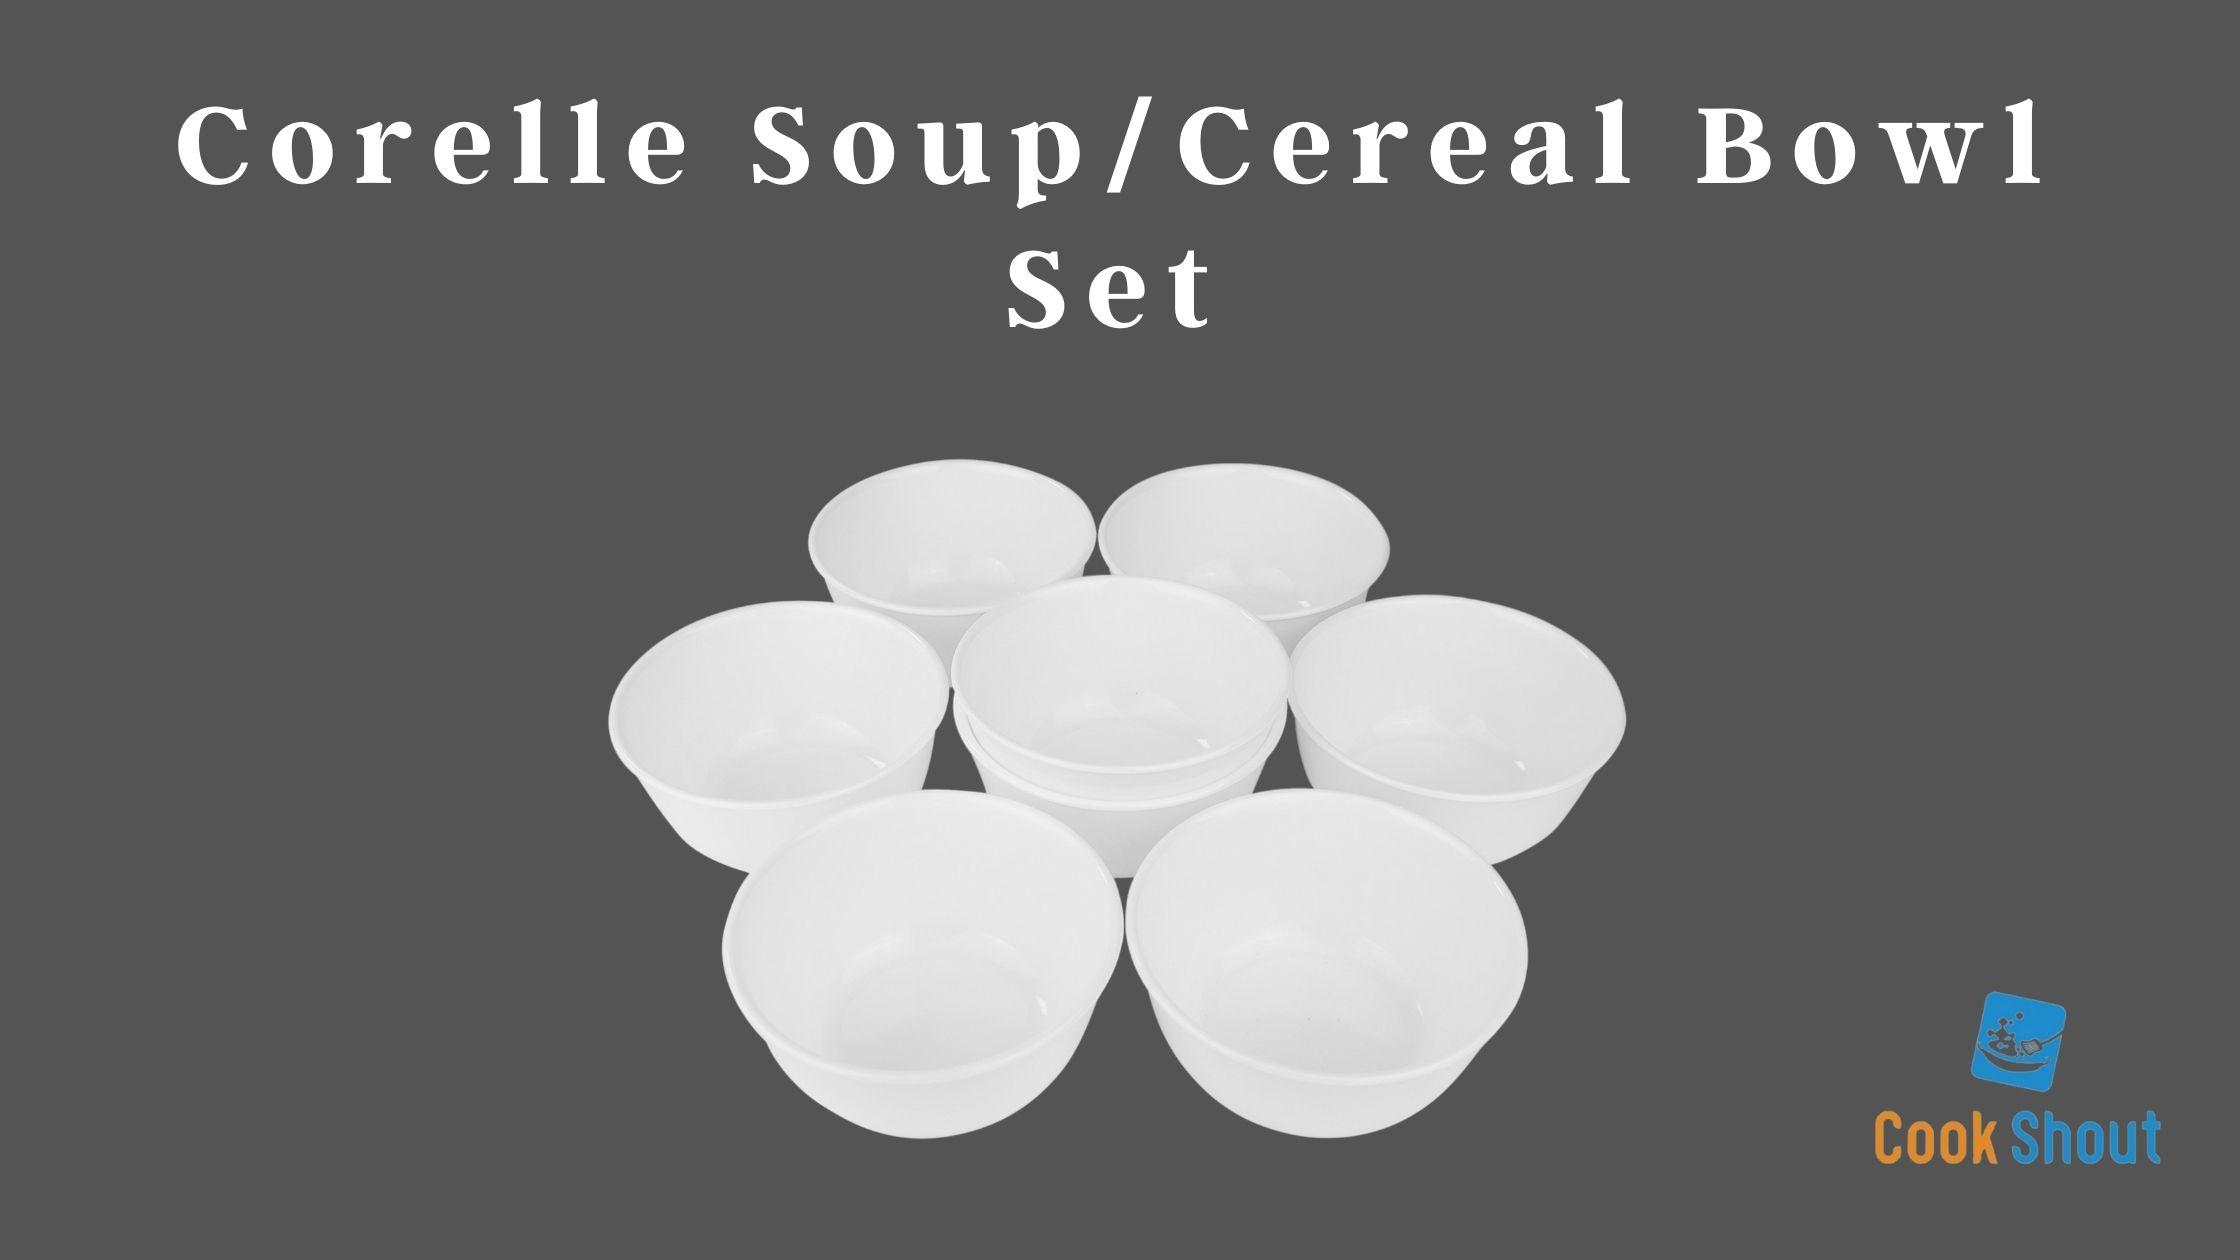 Corelle Soup Cereal Bowl Set